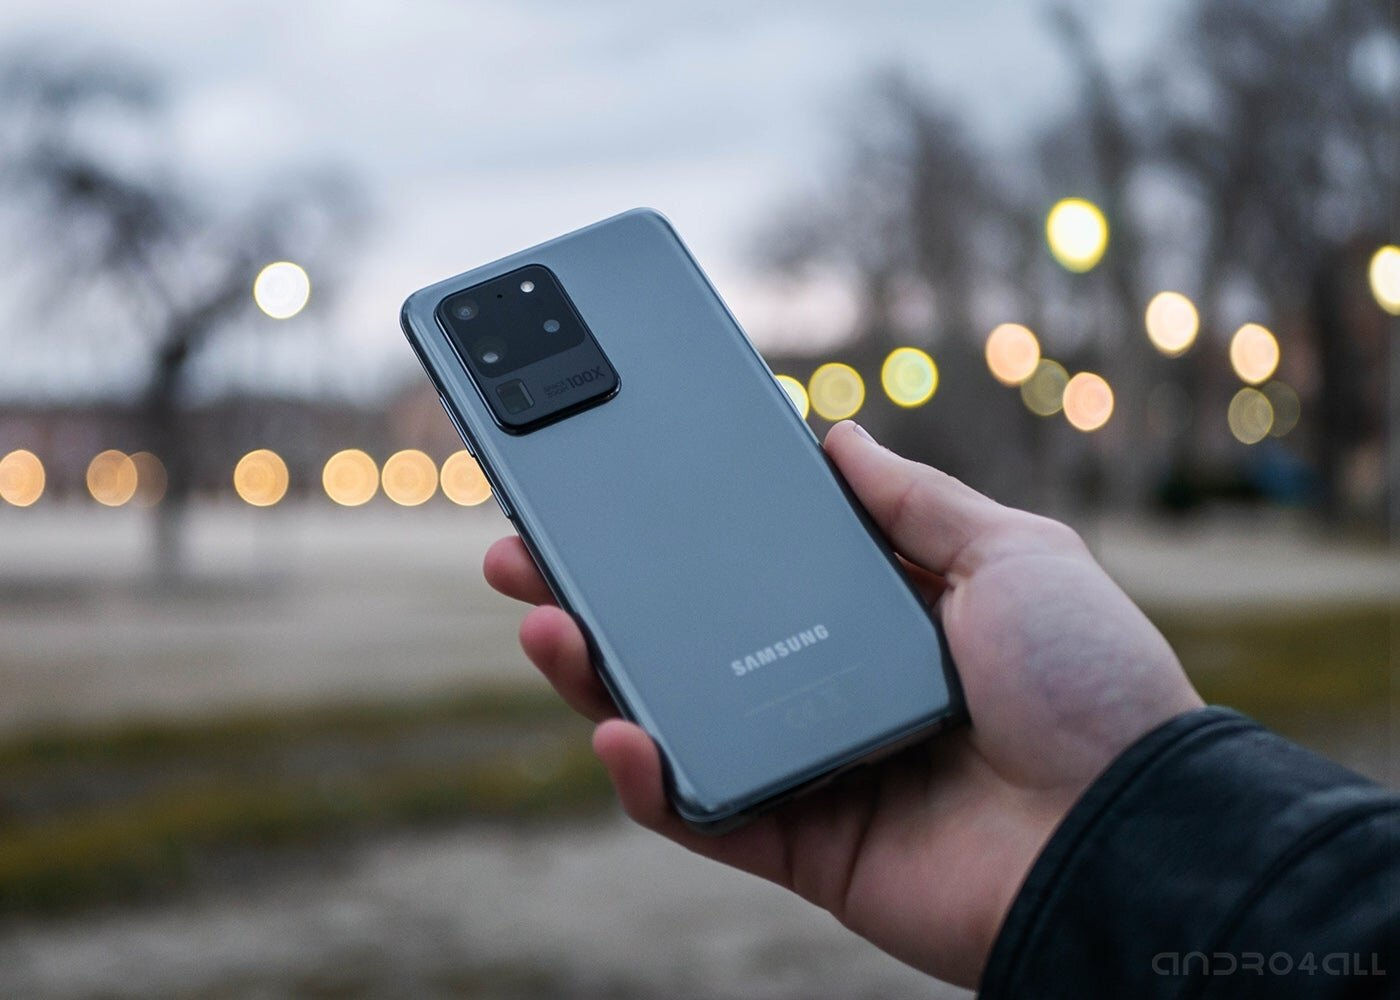 Le Samsung Galaxy S20 Ultra, le terminal star de Samsung en 2020